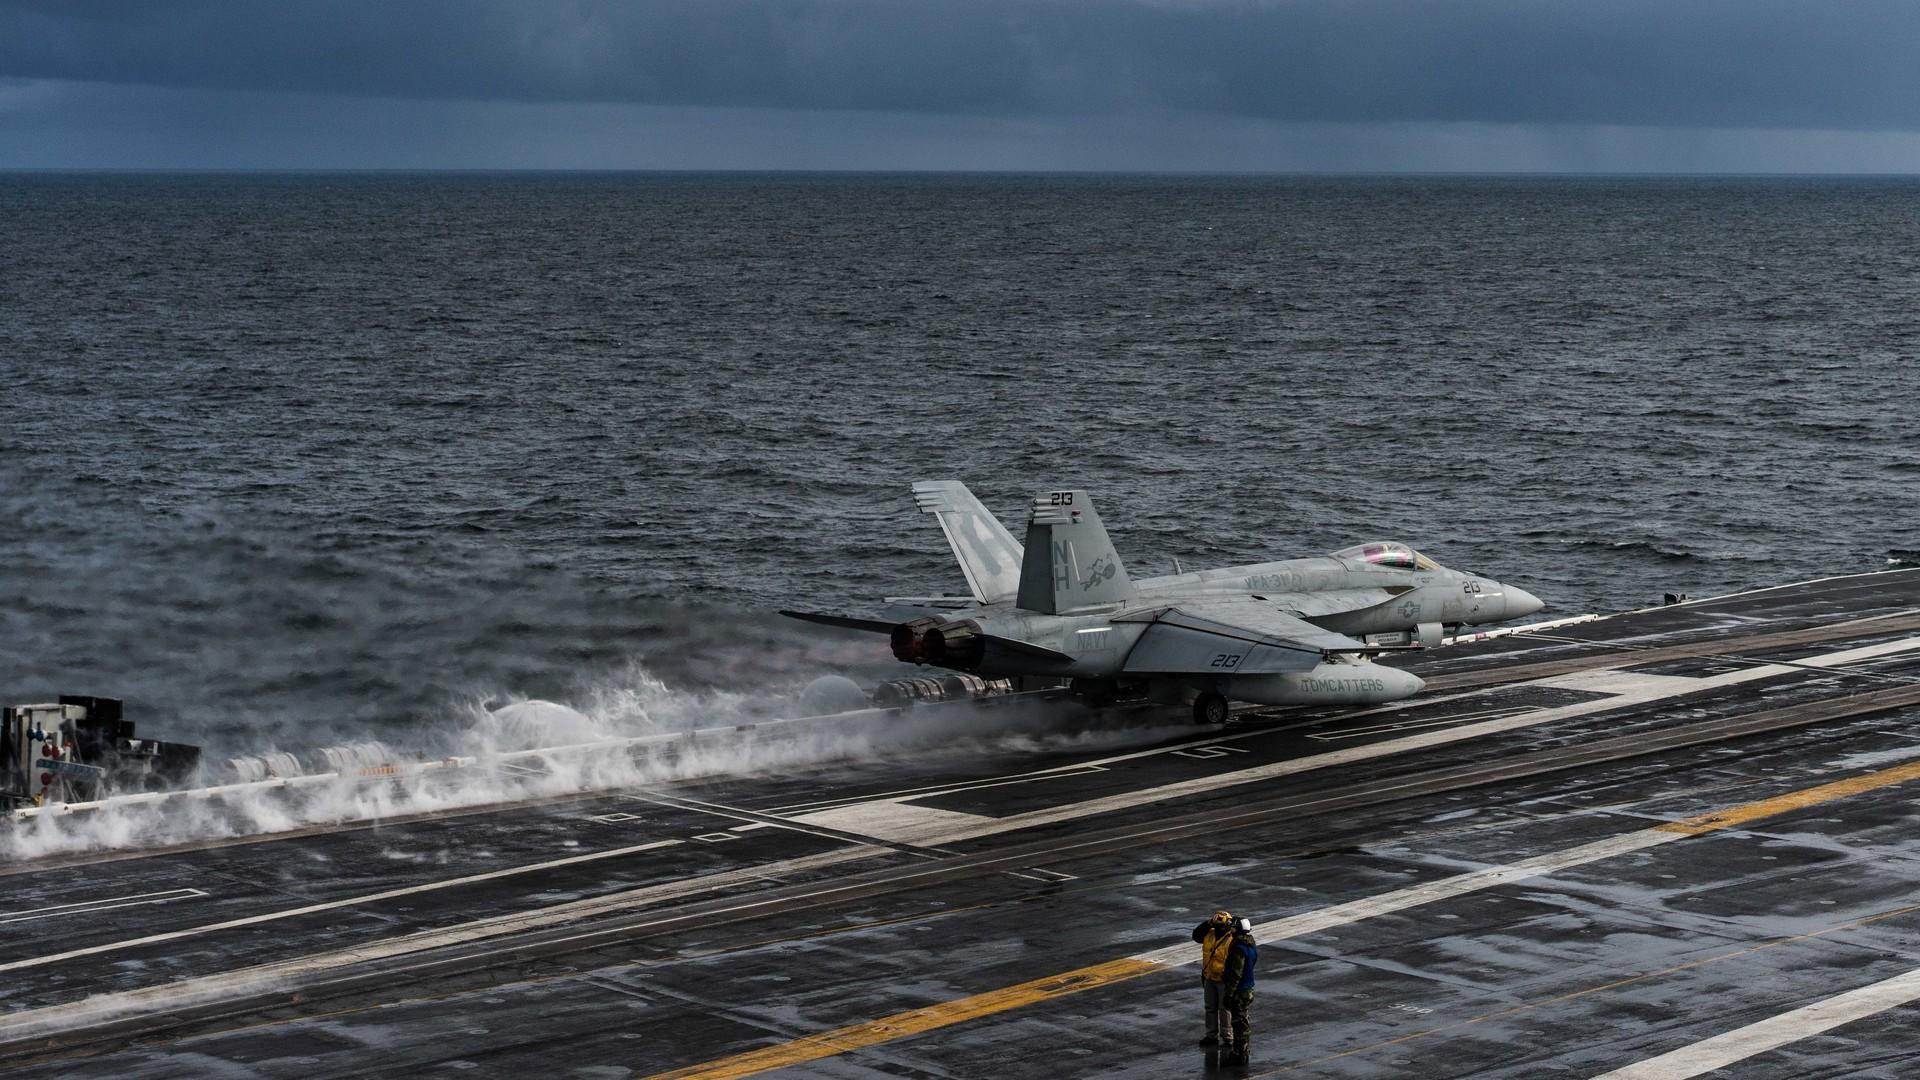 تصعيد أمريكي في بحر الشمال ضد روسيا